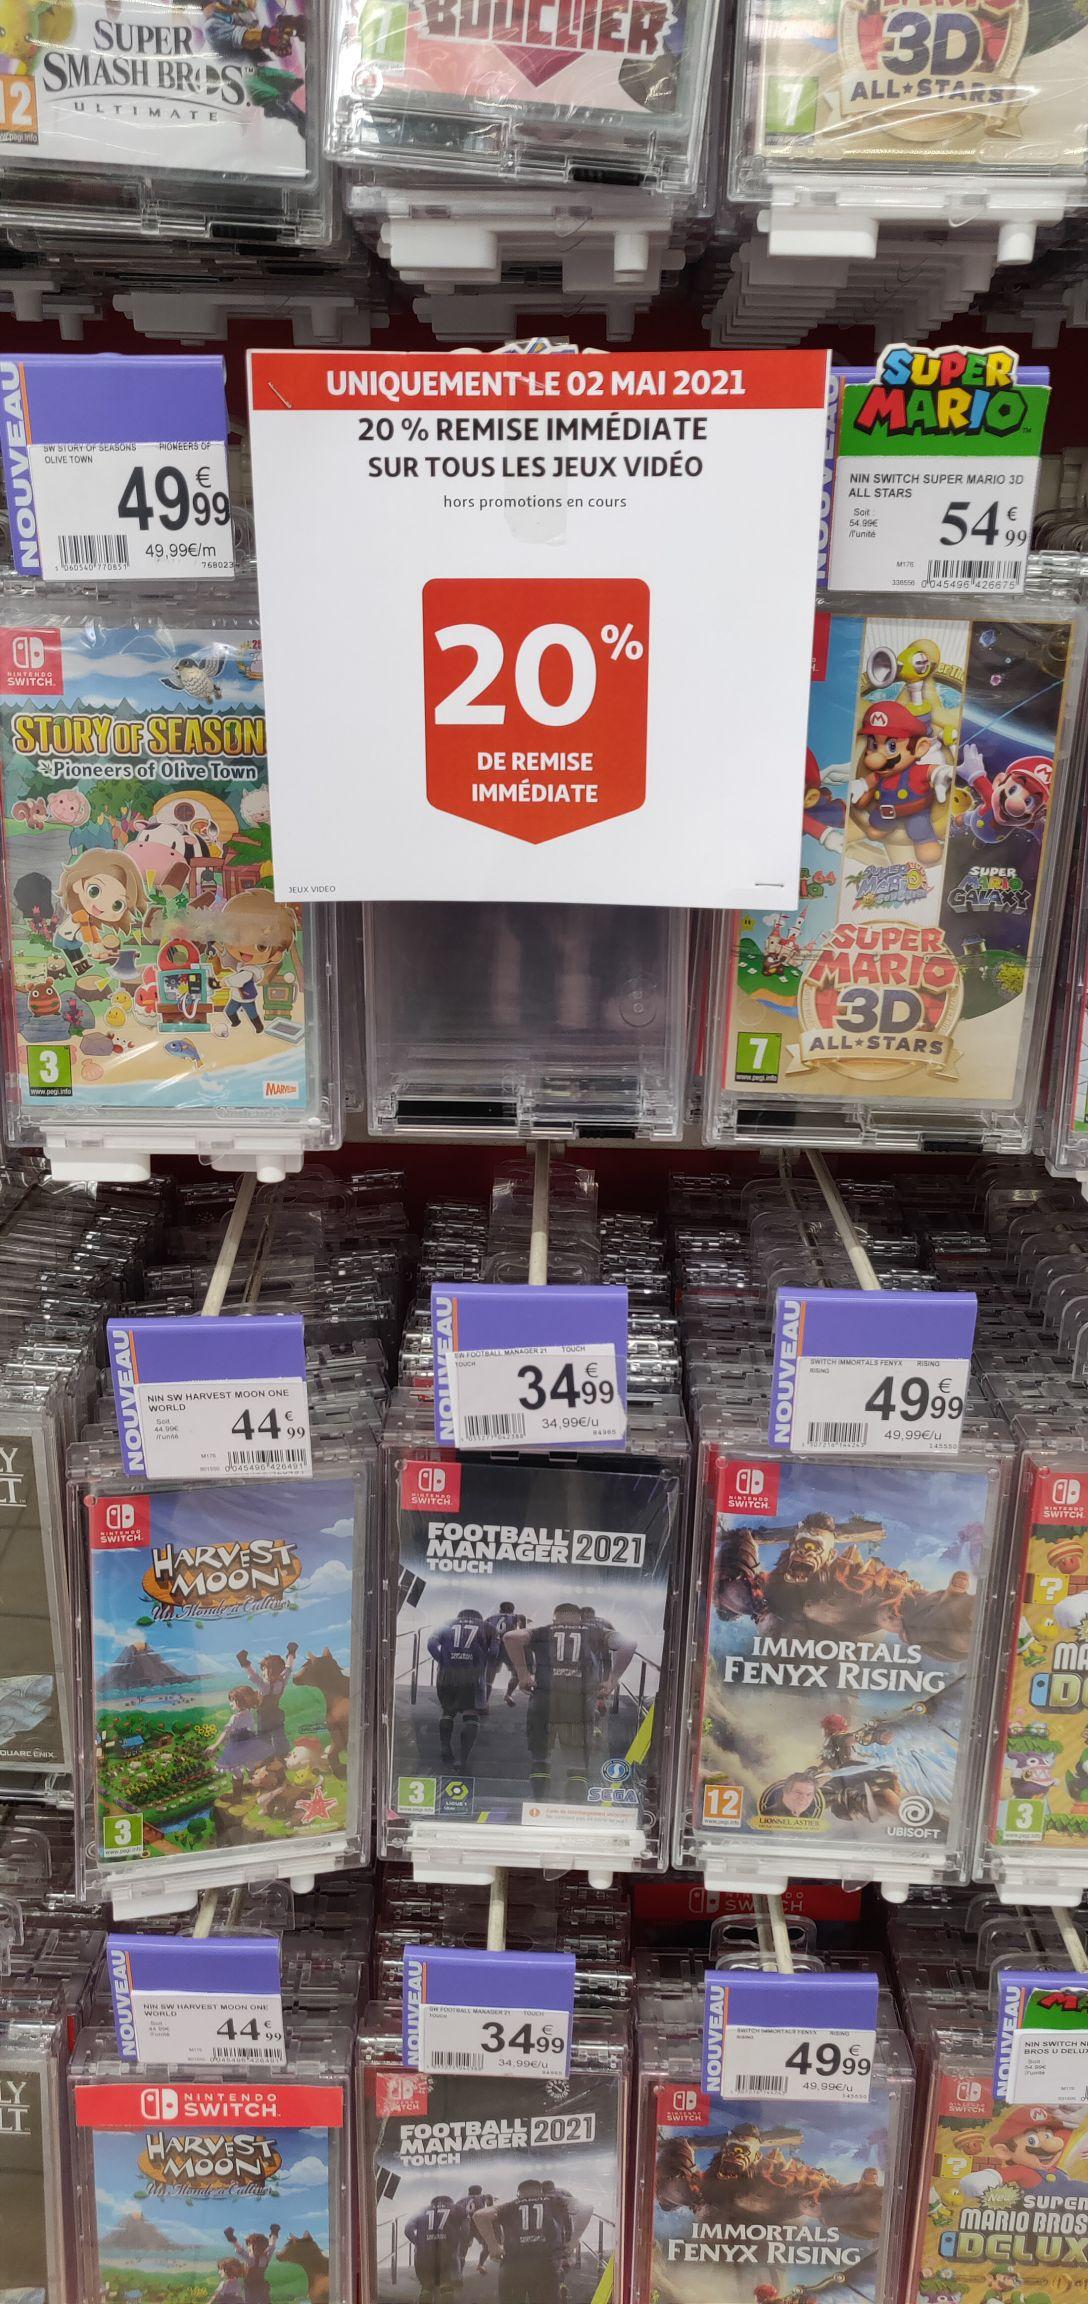 20% de réduction immédiate sur tous les jeux vidéo - Epagny (74)